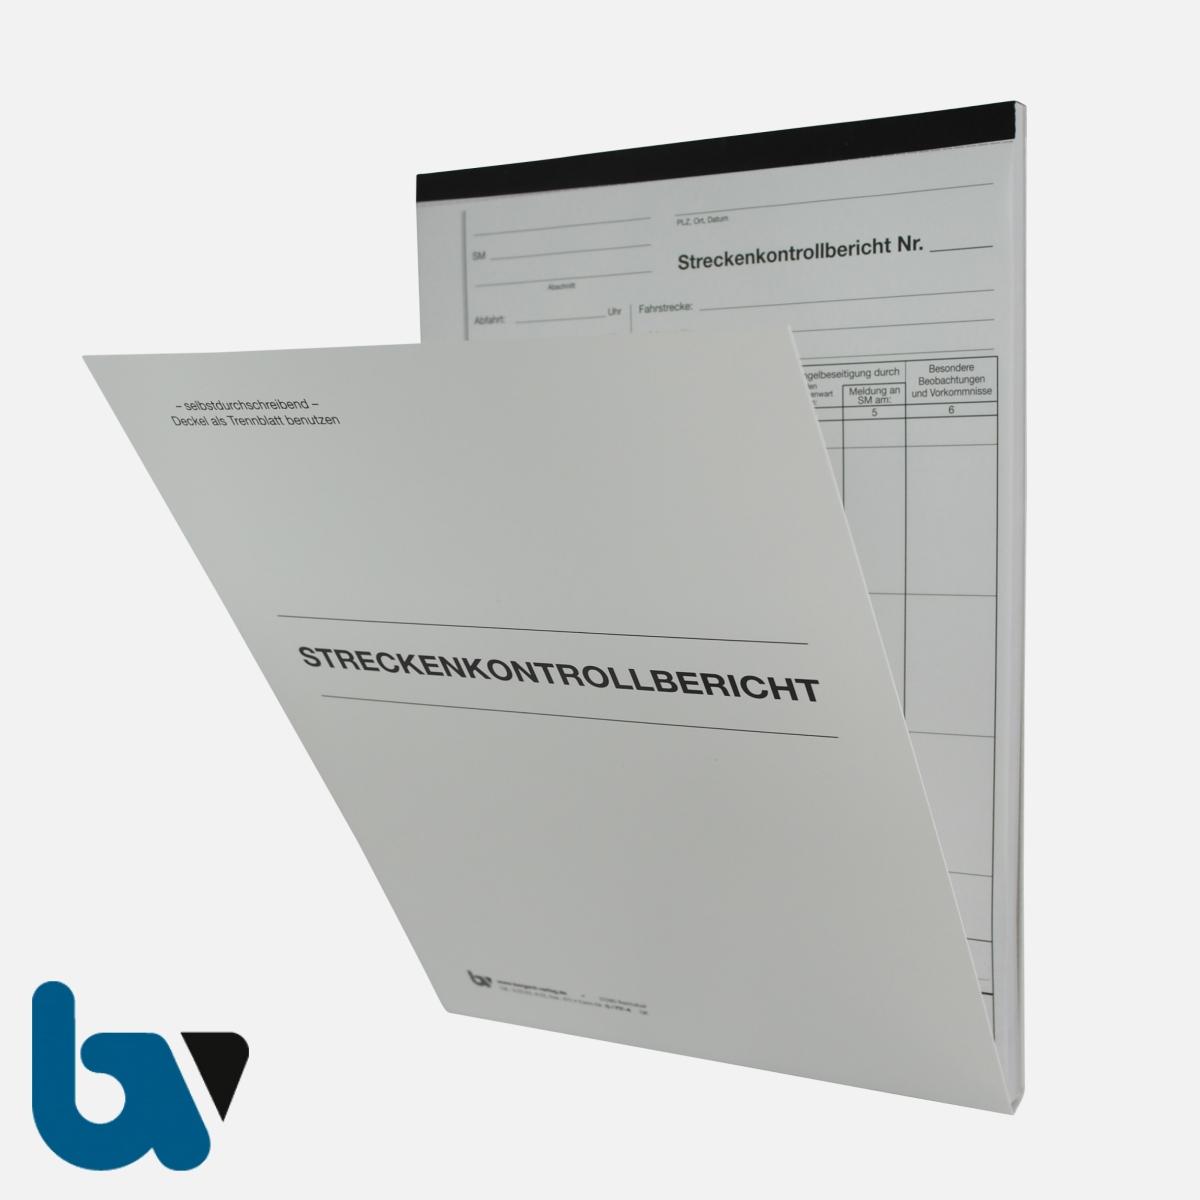 0/717-4 Streckenkontrollbericht Mängelmeldung selbstdurchschreibend Einschlagdeckel Durchschreibeschutz Schreibschutzdeckel perforiert DIN A4 Vorderseite | Borgard Verlag GmbH